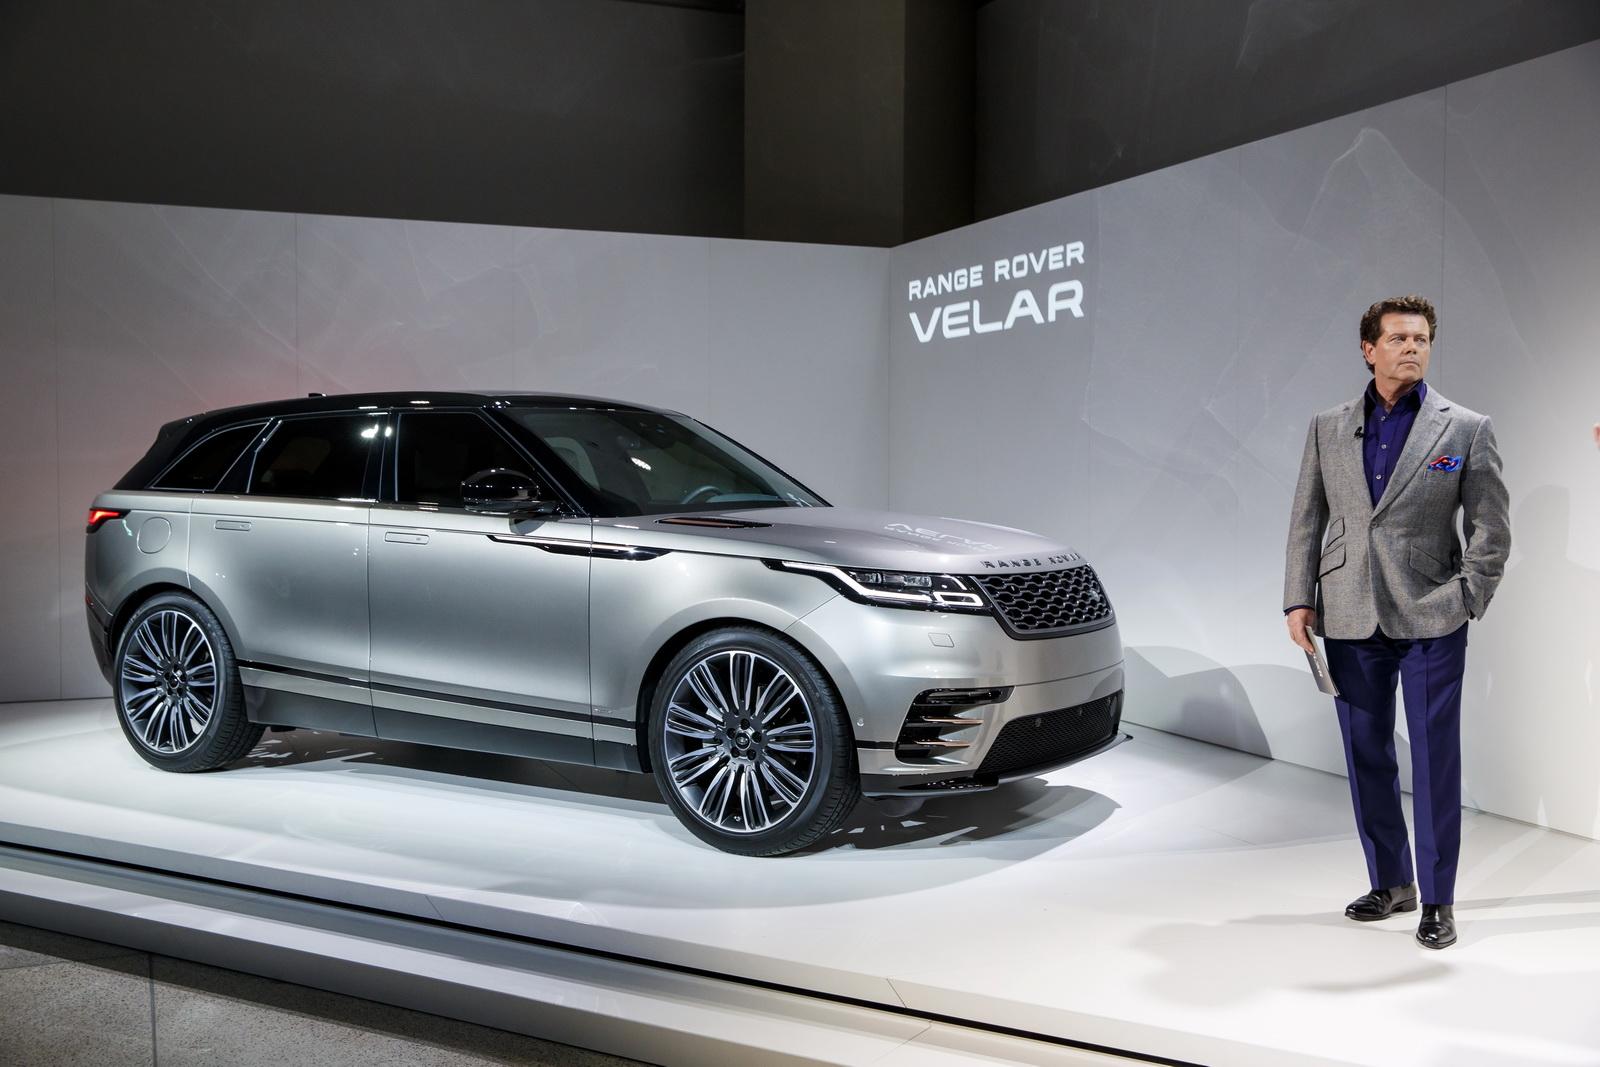 Range Rover Velar in Geneva 2017 (35)